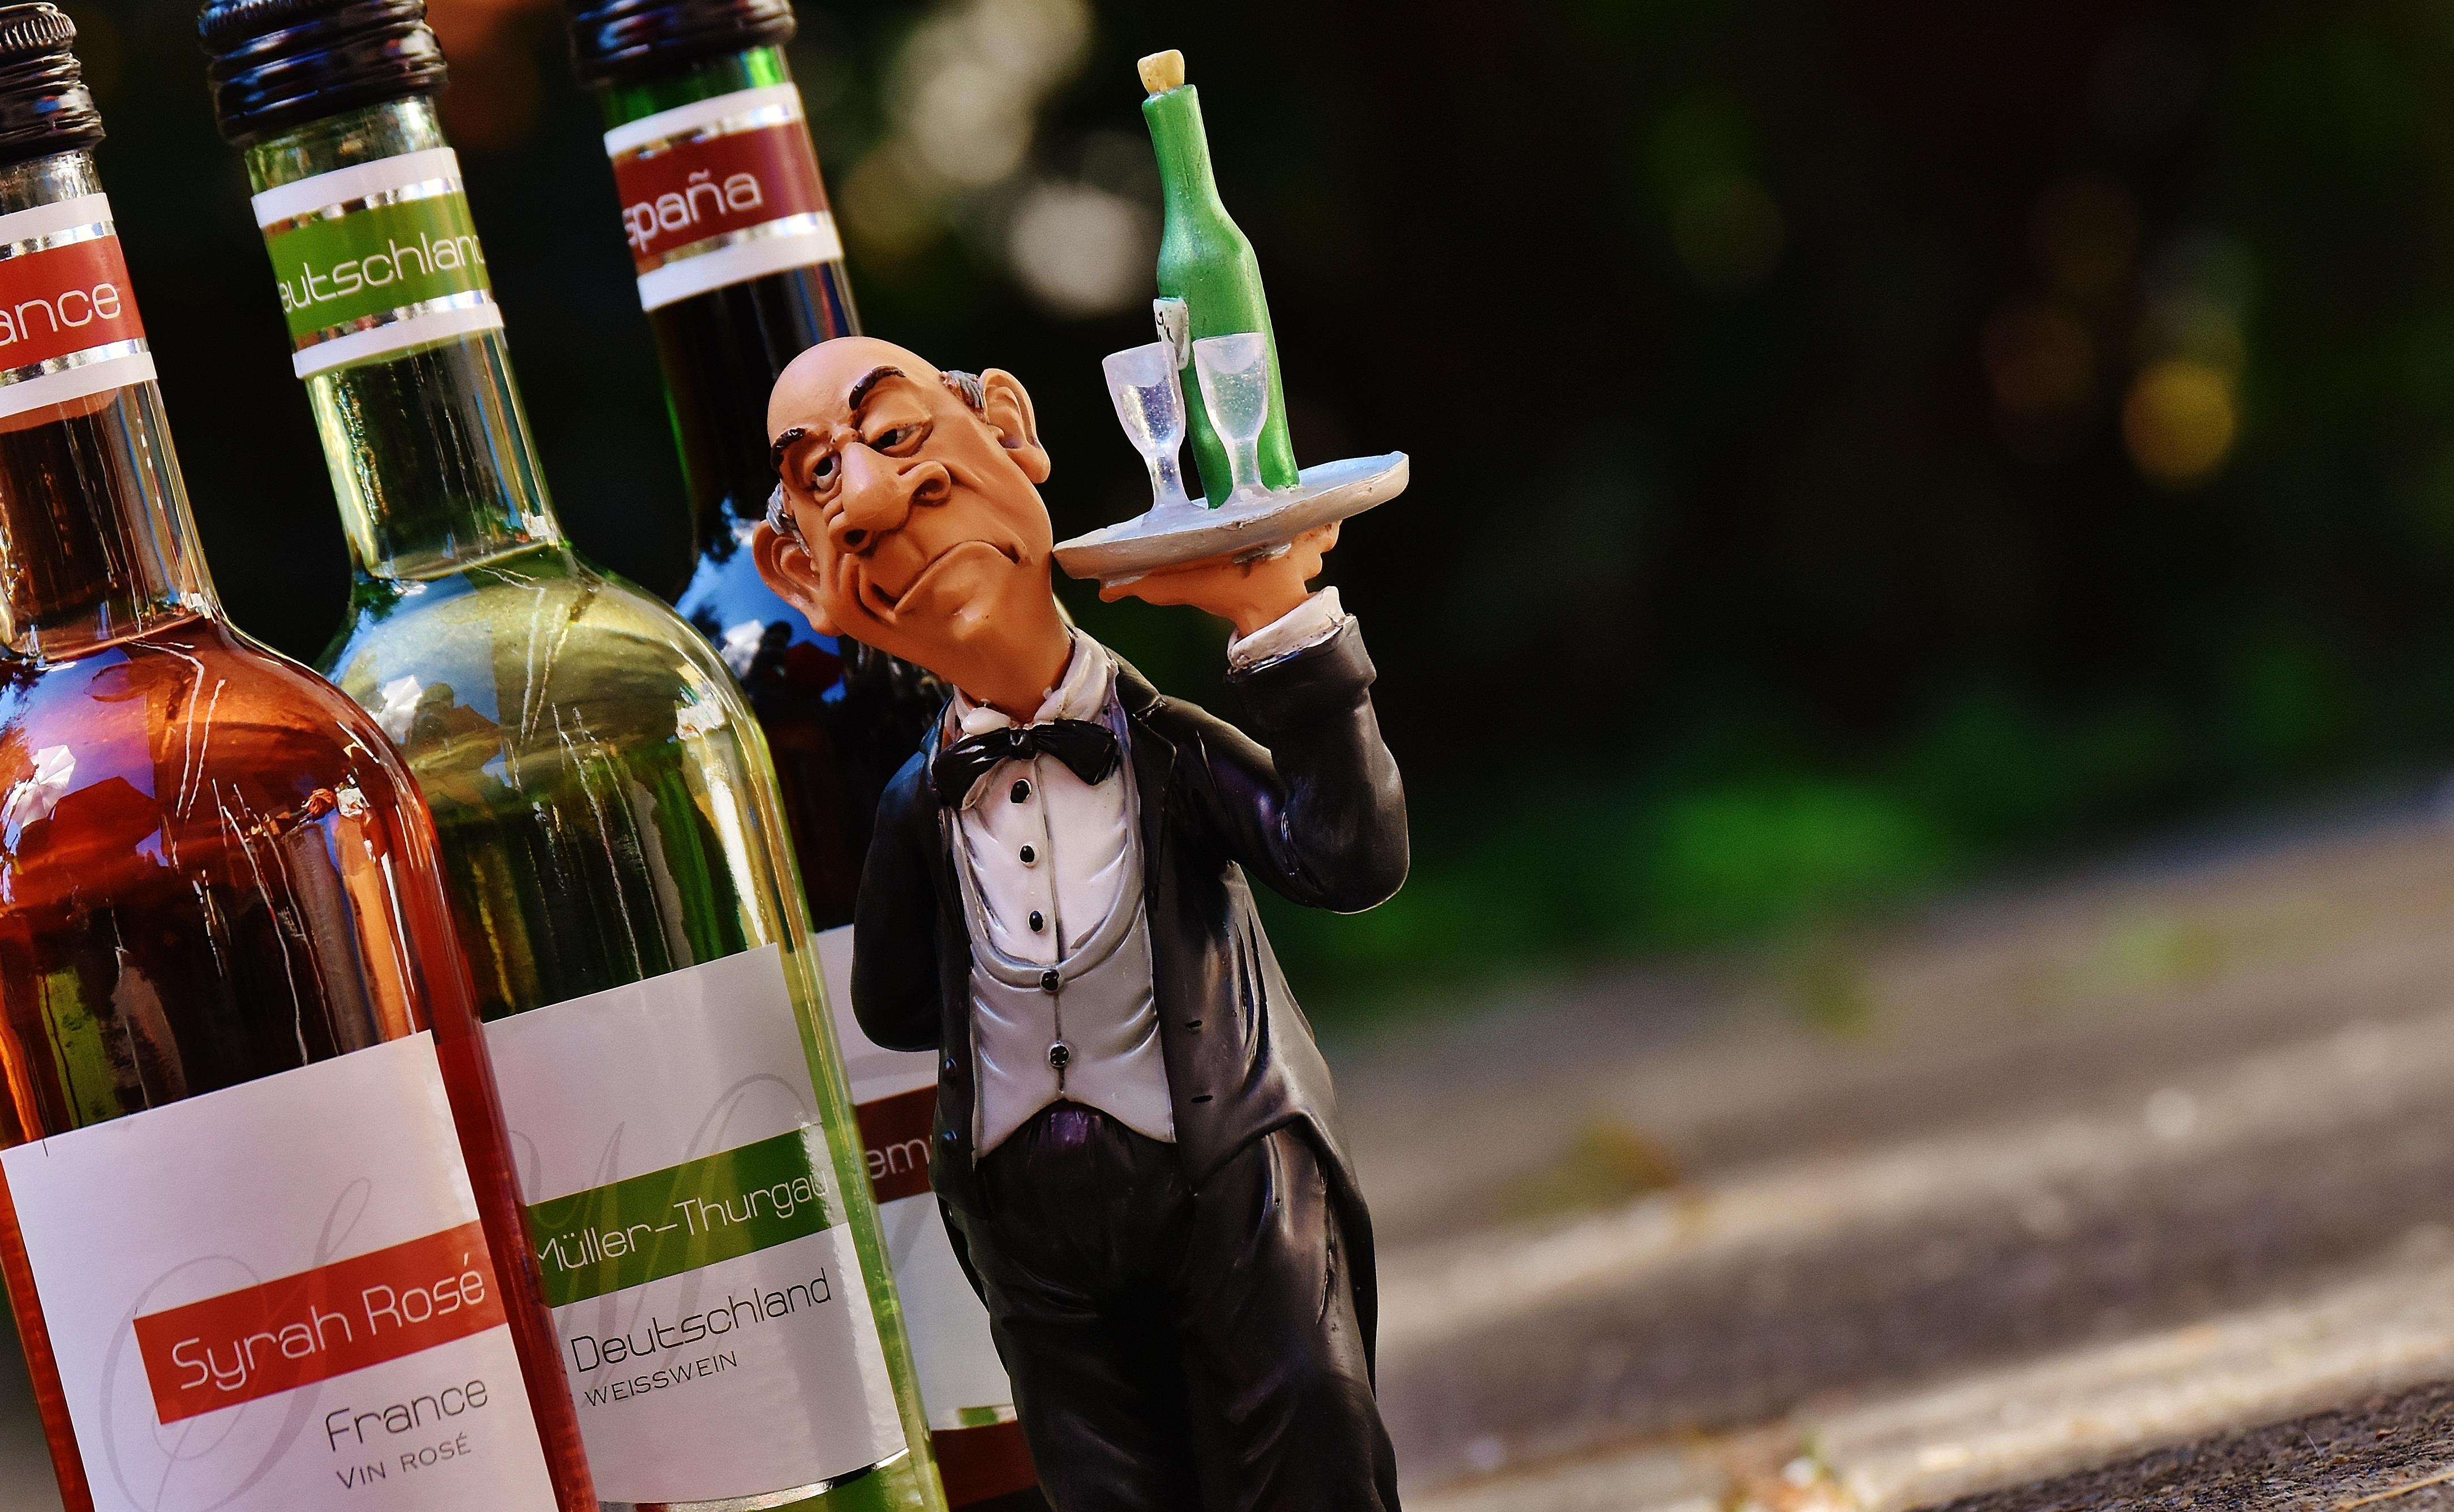 фото приколы алкогольных бутылок легко заметить внизу